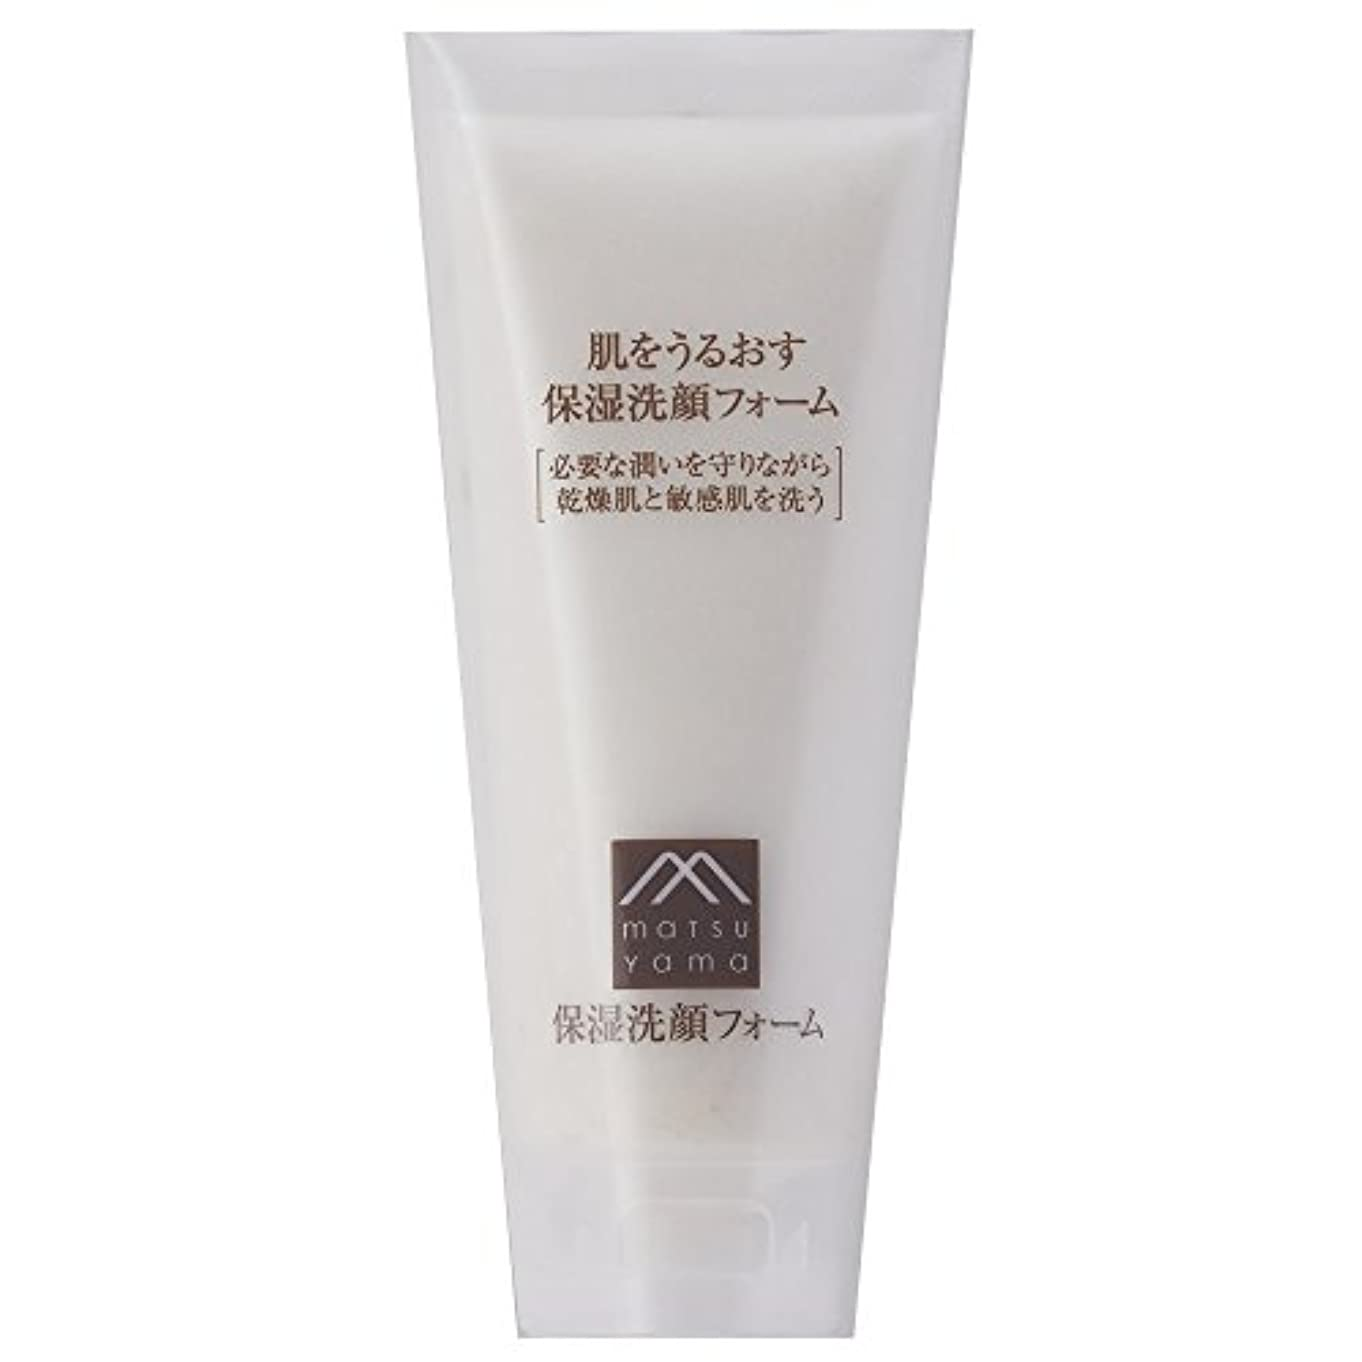 趣味マラソンシリンダー肌をうるおす保湿洗顔フォーム(洗顔料) [乾燥肌 敏感肌]